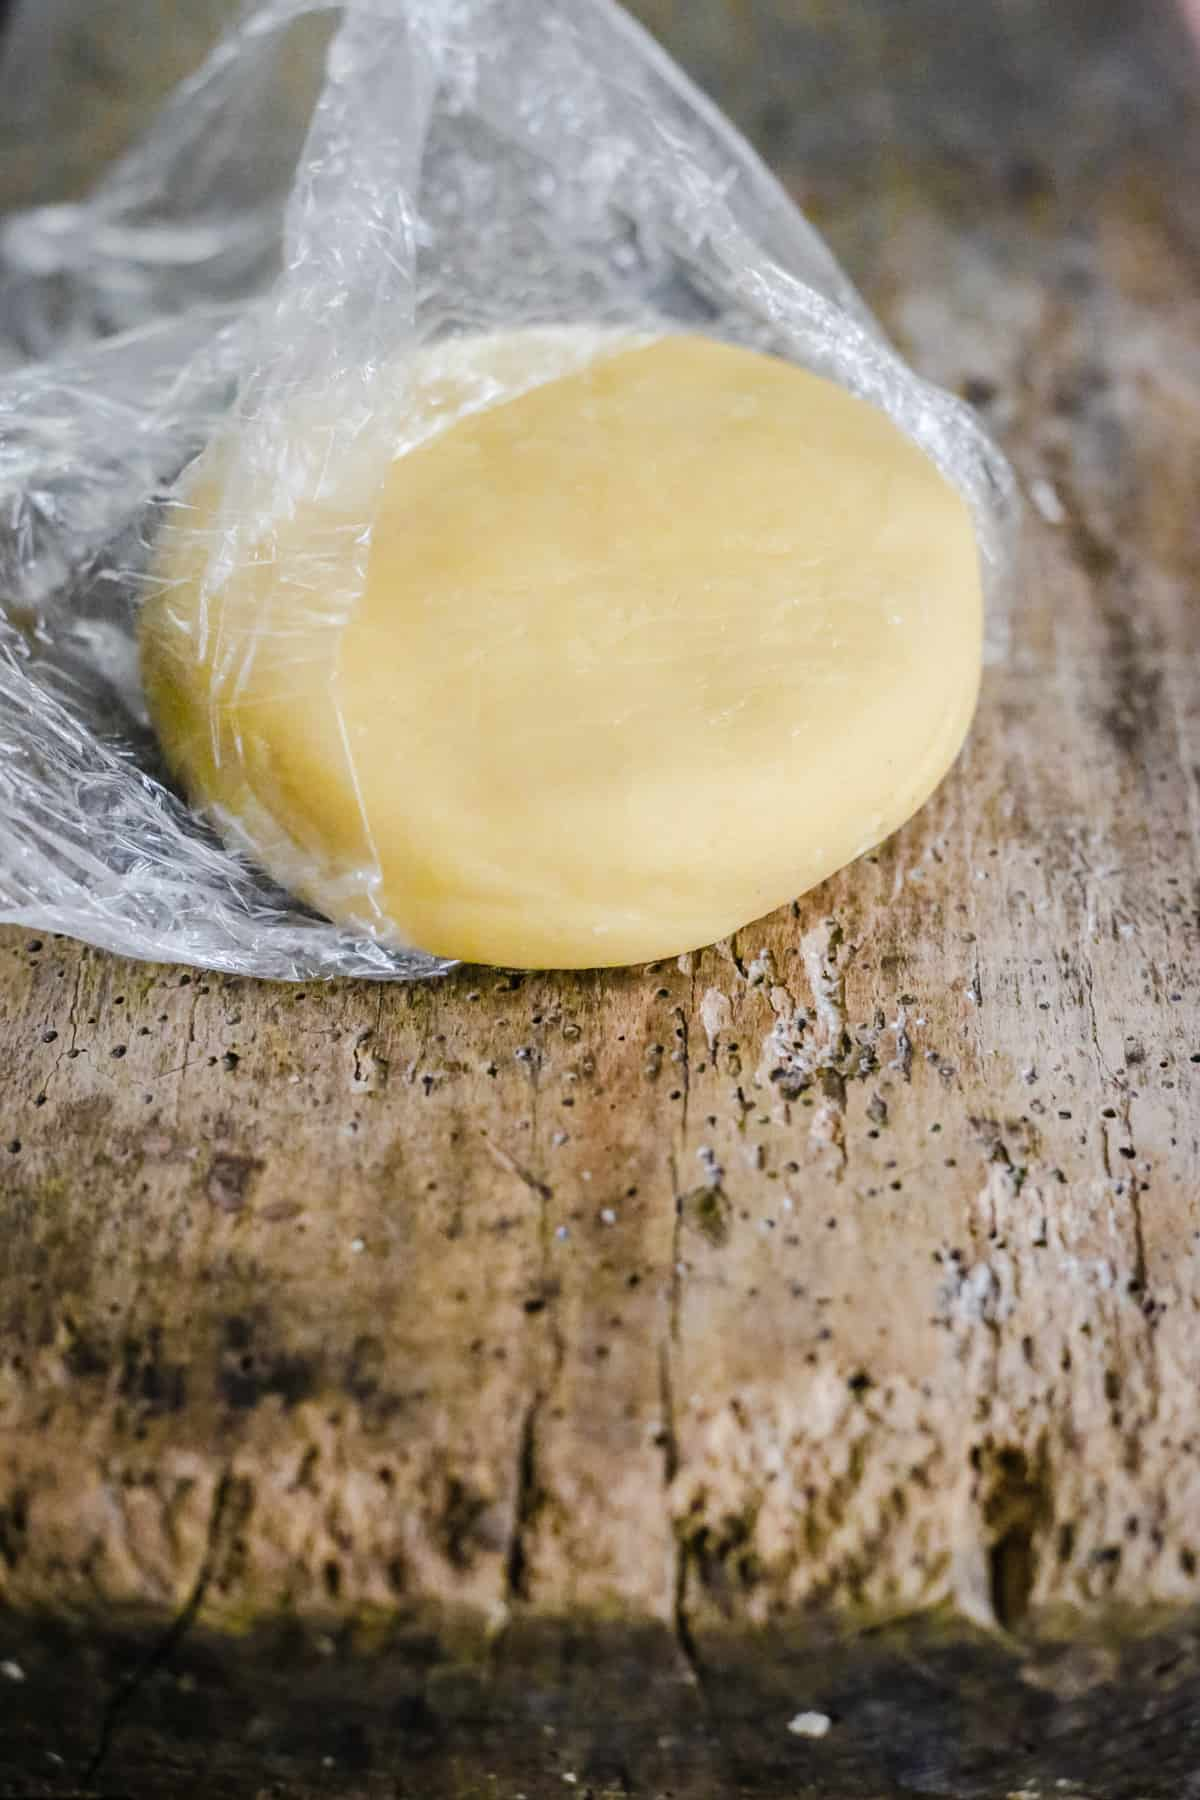 homemade marzipan dough on a wooden board